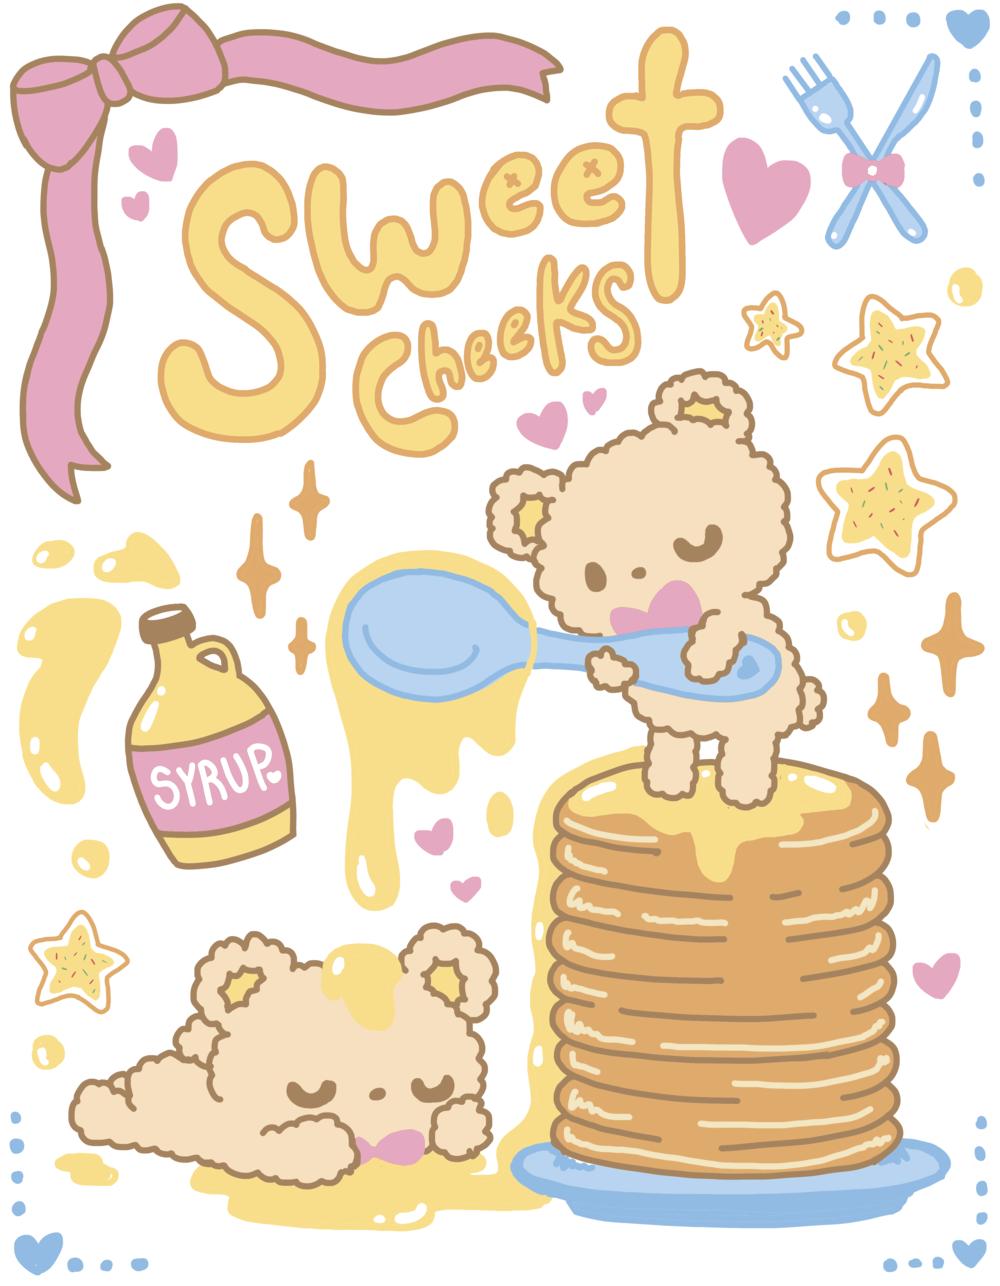 Sweet Cheeks Illustration